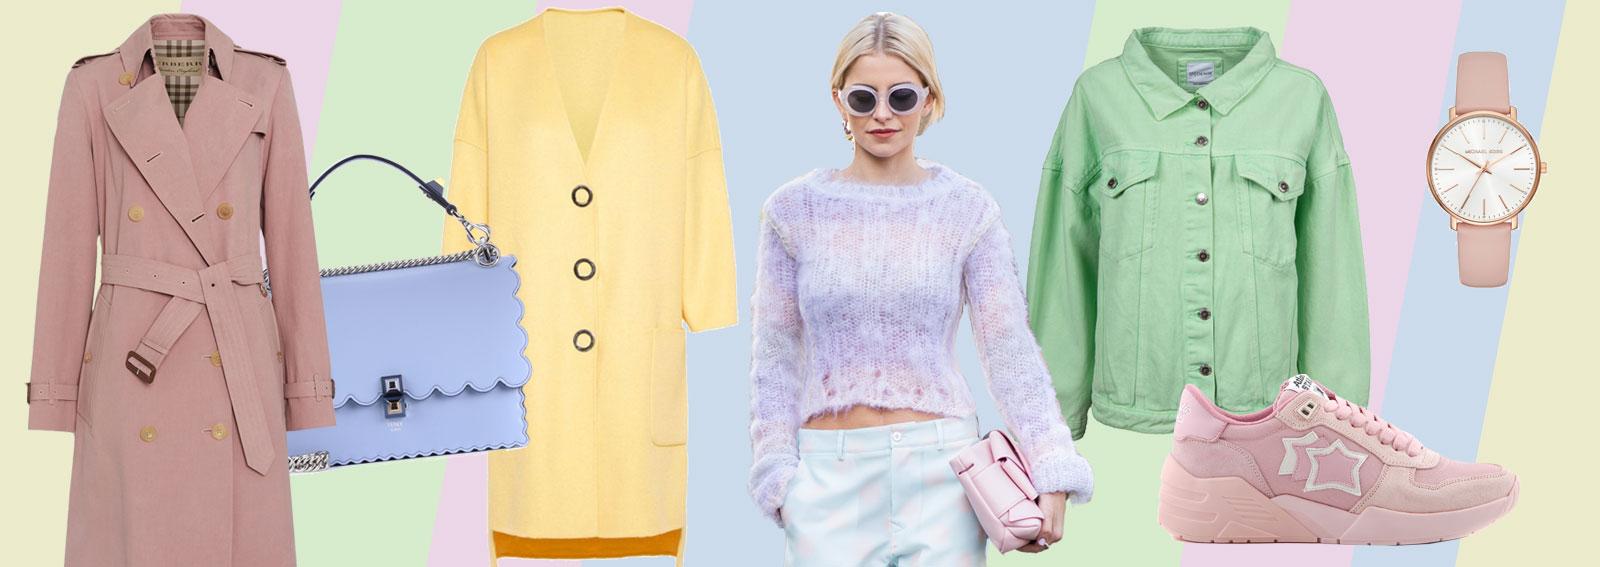 new style 977bc dc9ad Abbigliamento color pastello: vestiti e accessori per la ...